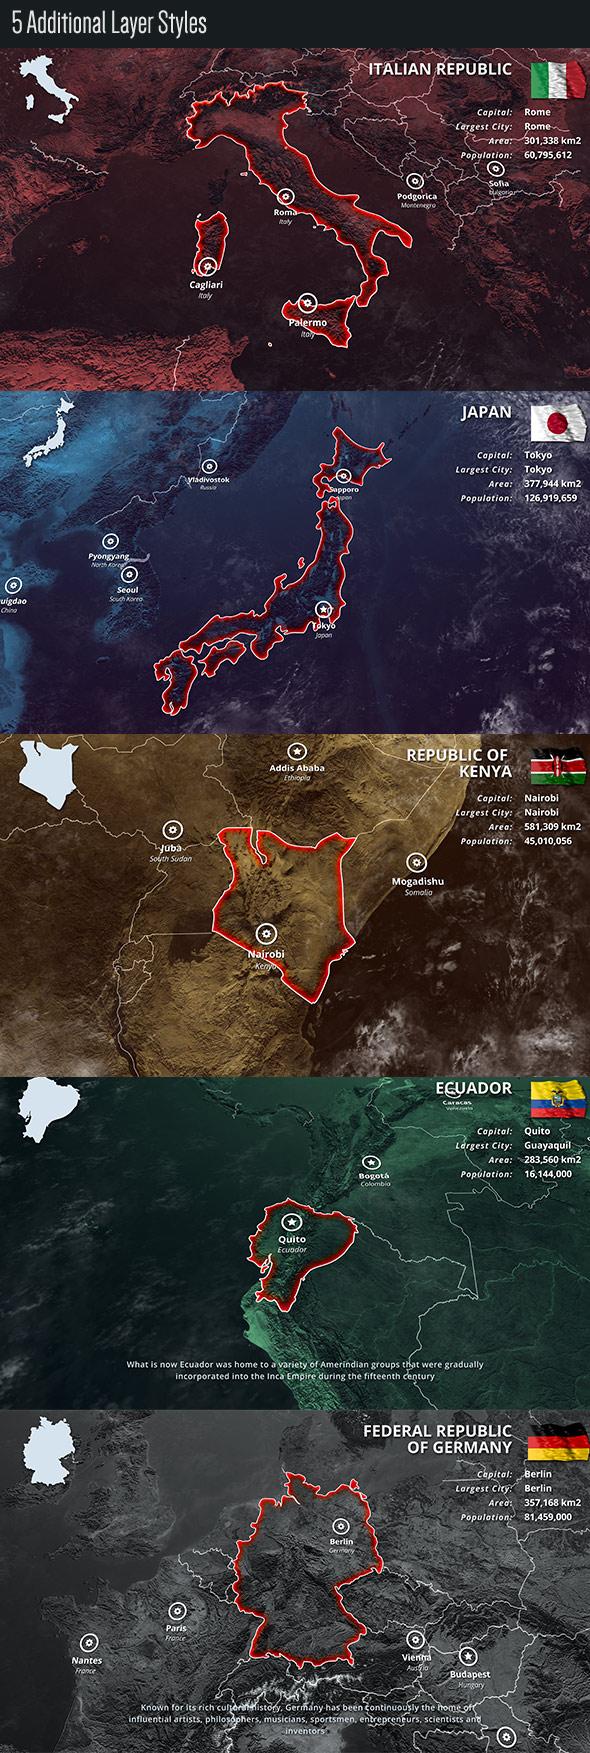 Map Kit - 5